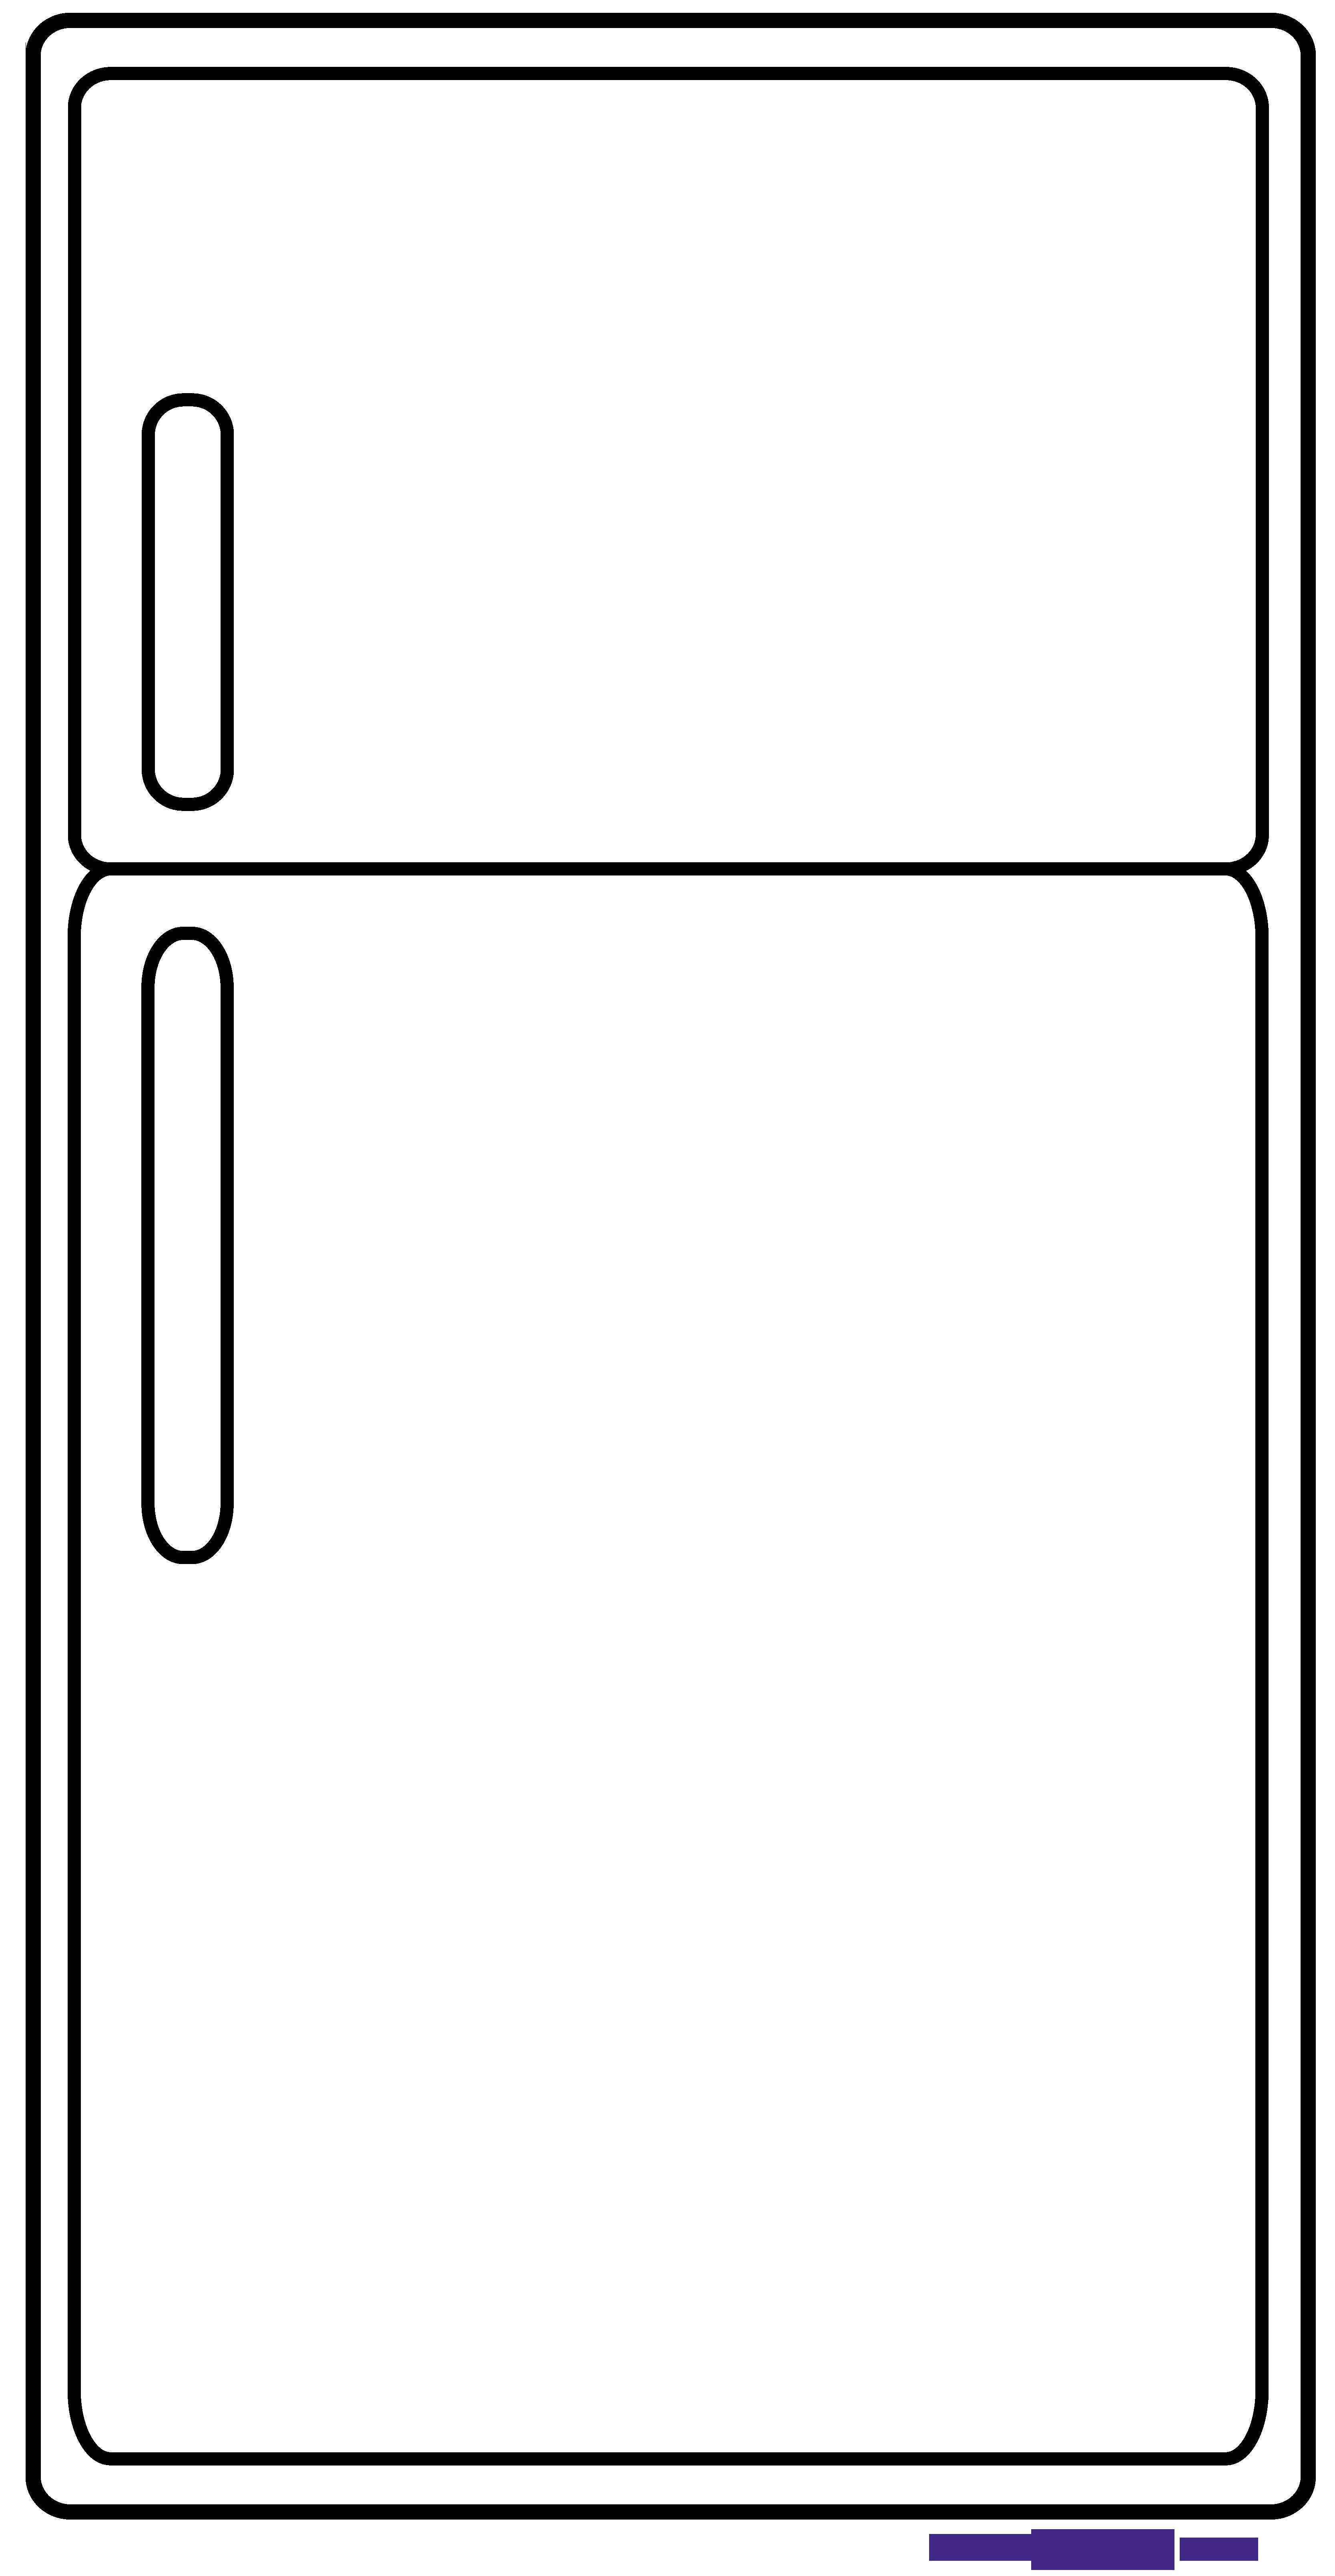 Refrigerator Outline Clipart